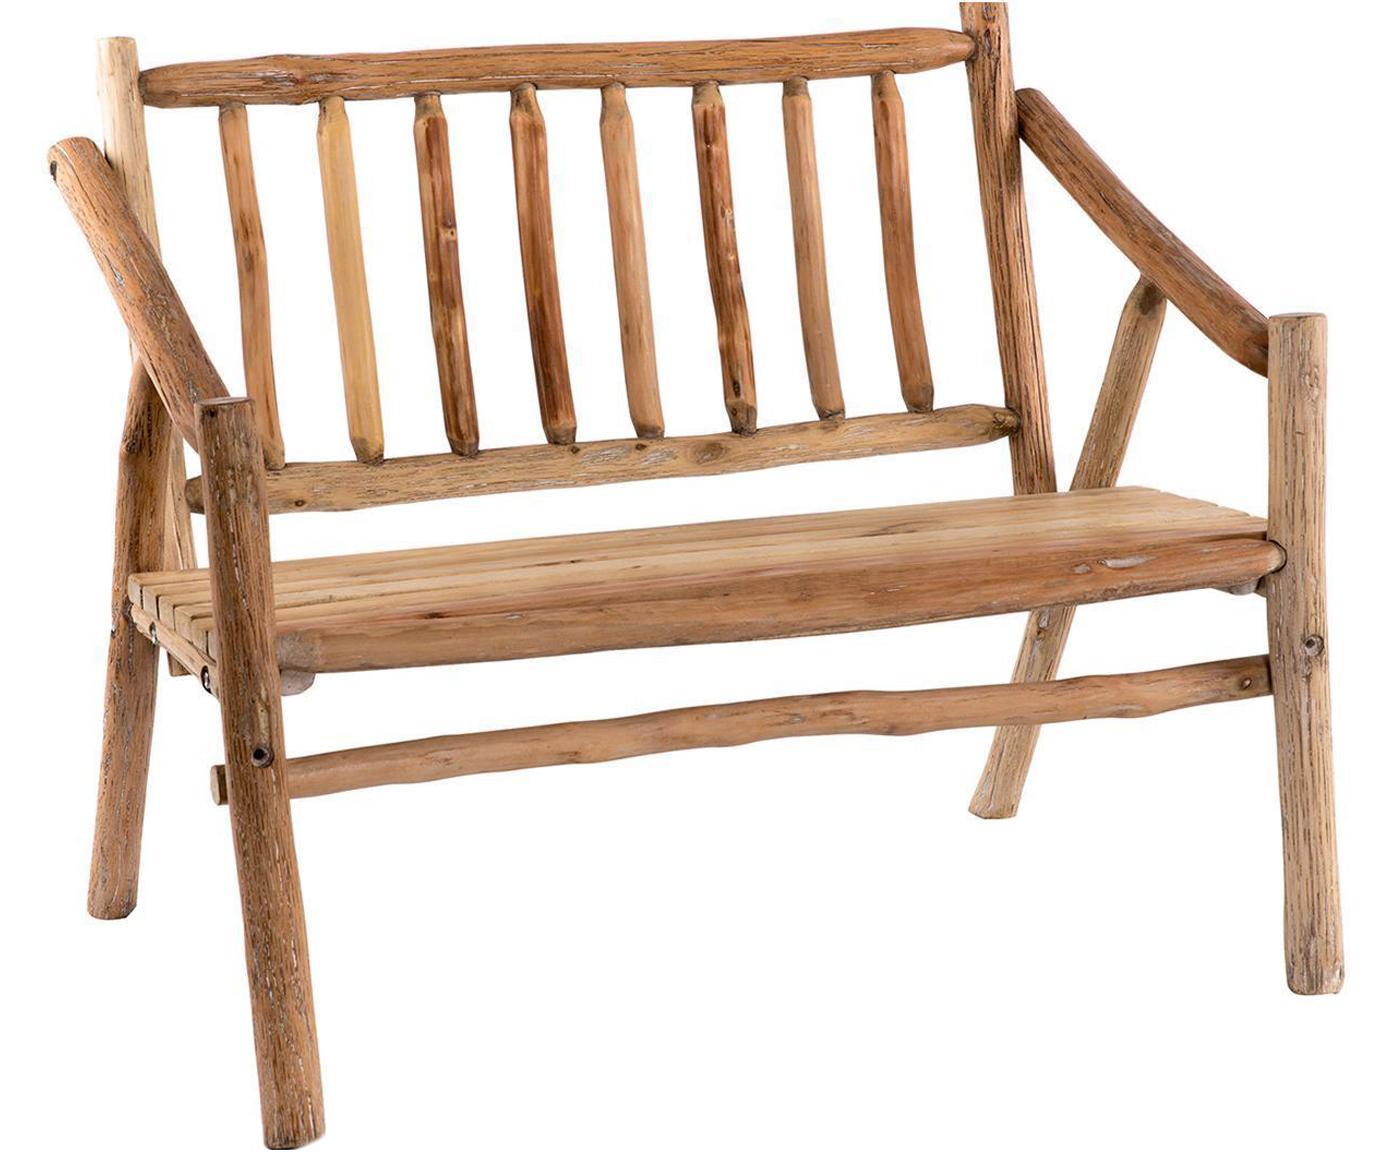 Banco de madera de abeto Aline, Madera de abeto, Natural, An 110 x Al 85 cm